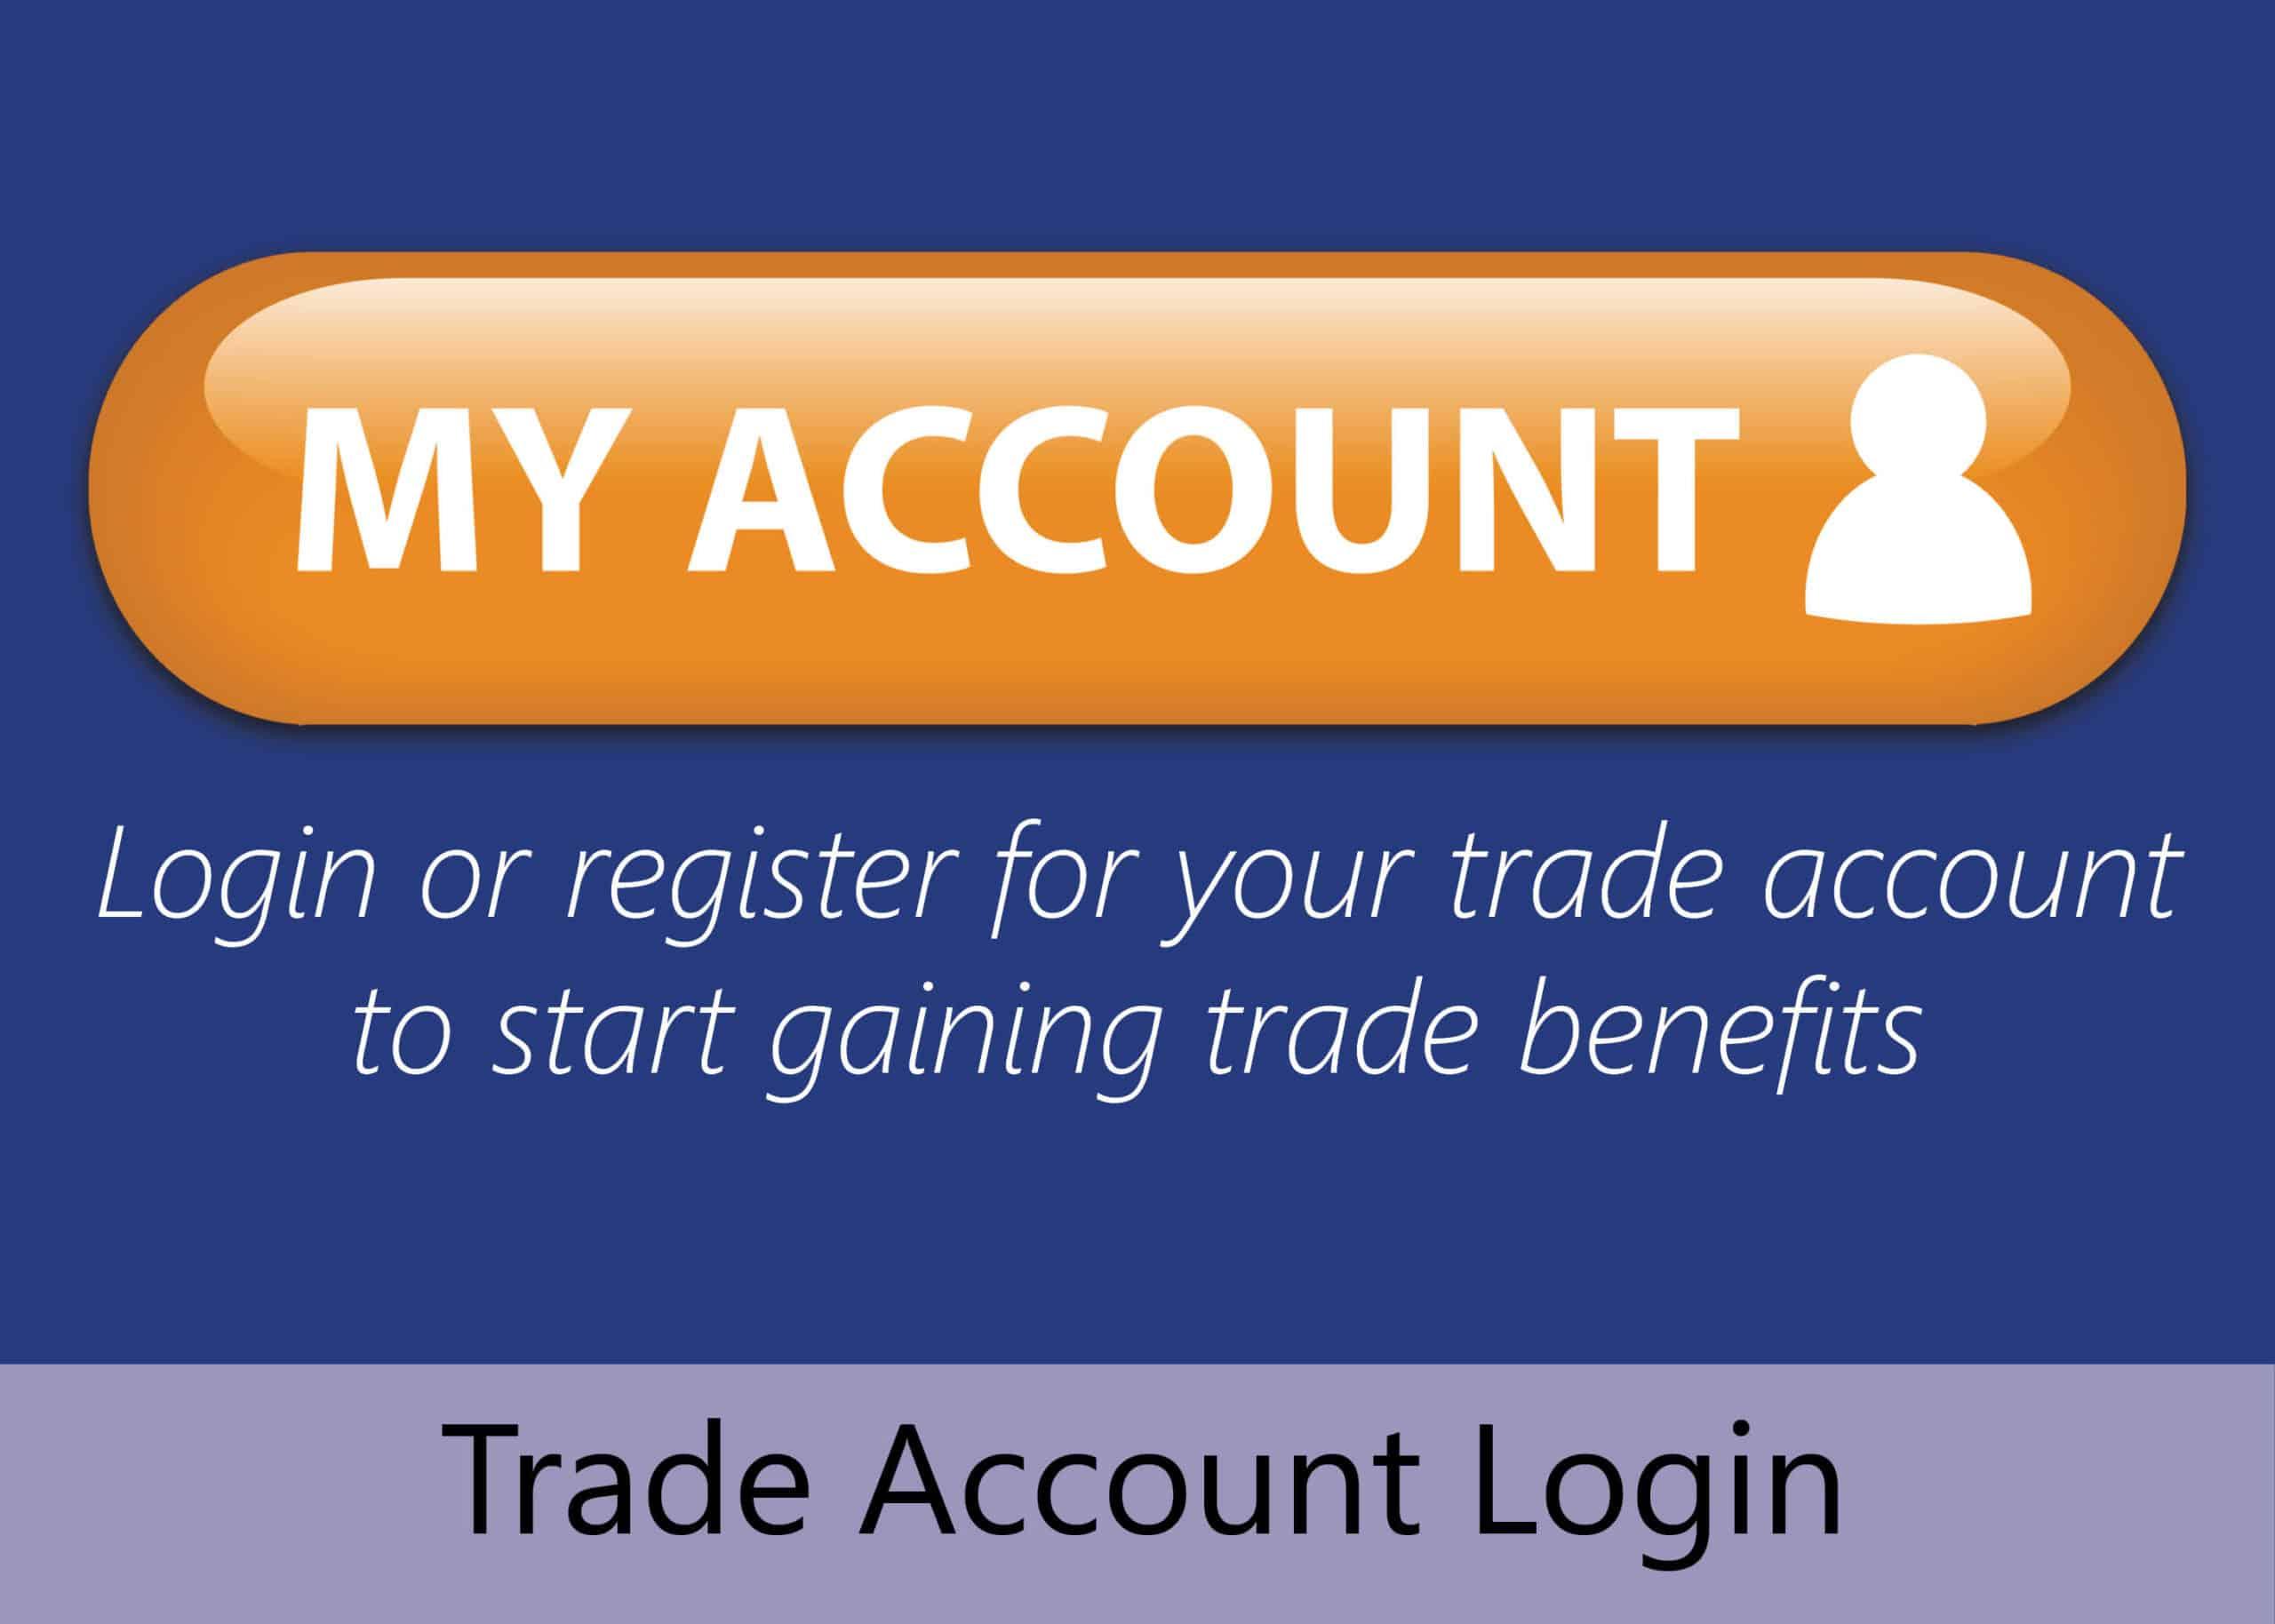 trade login image web 2